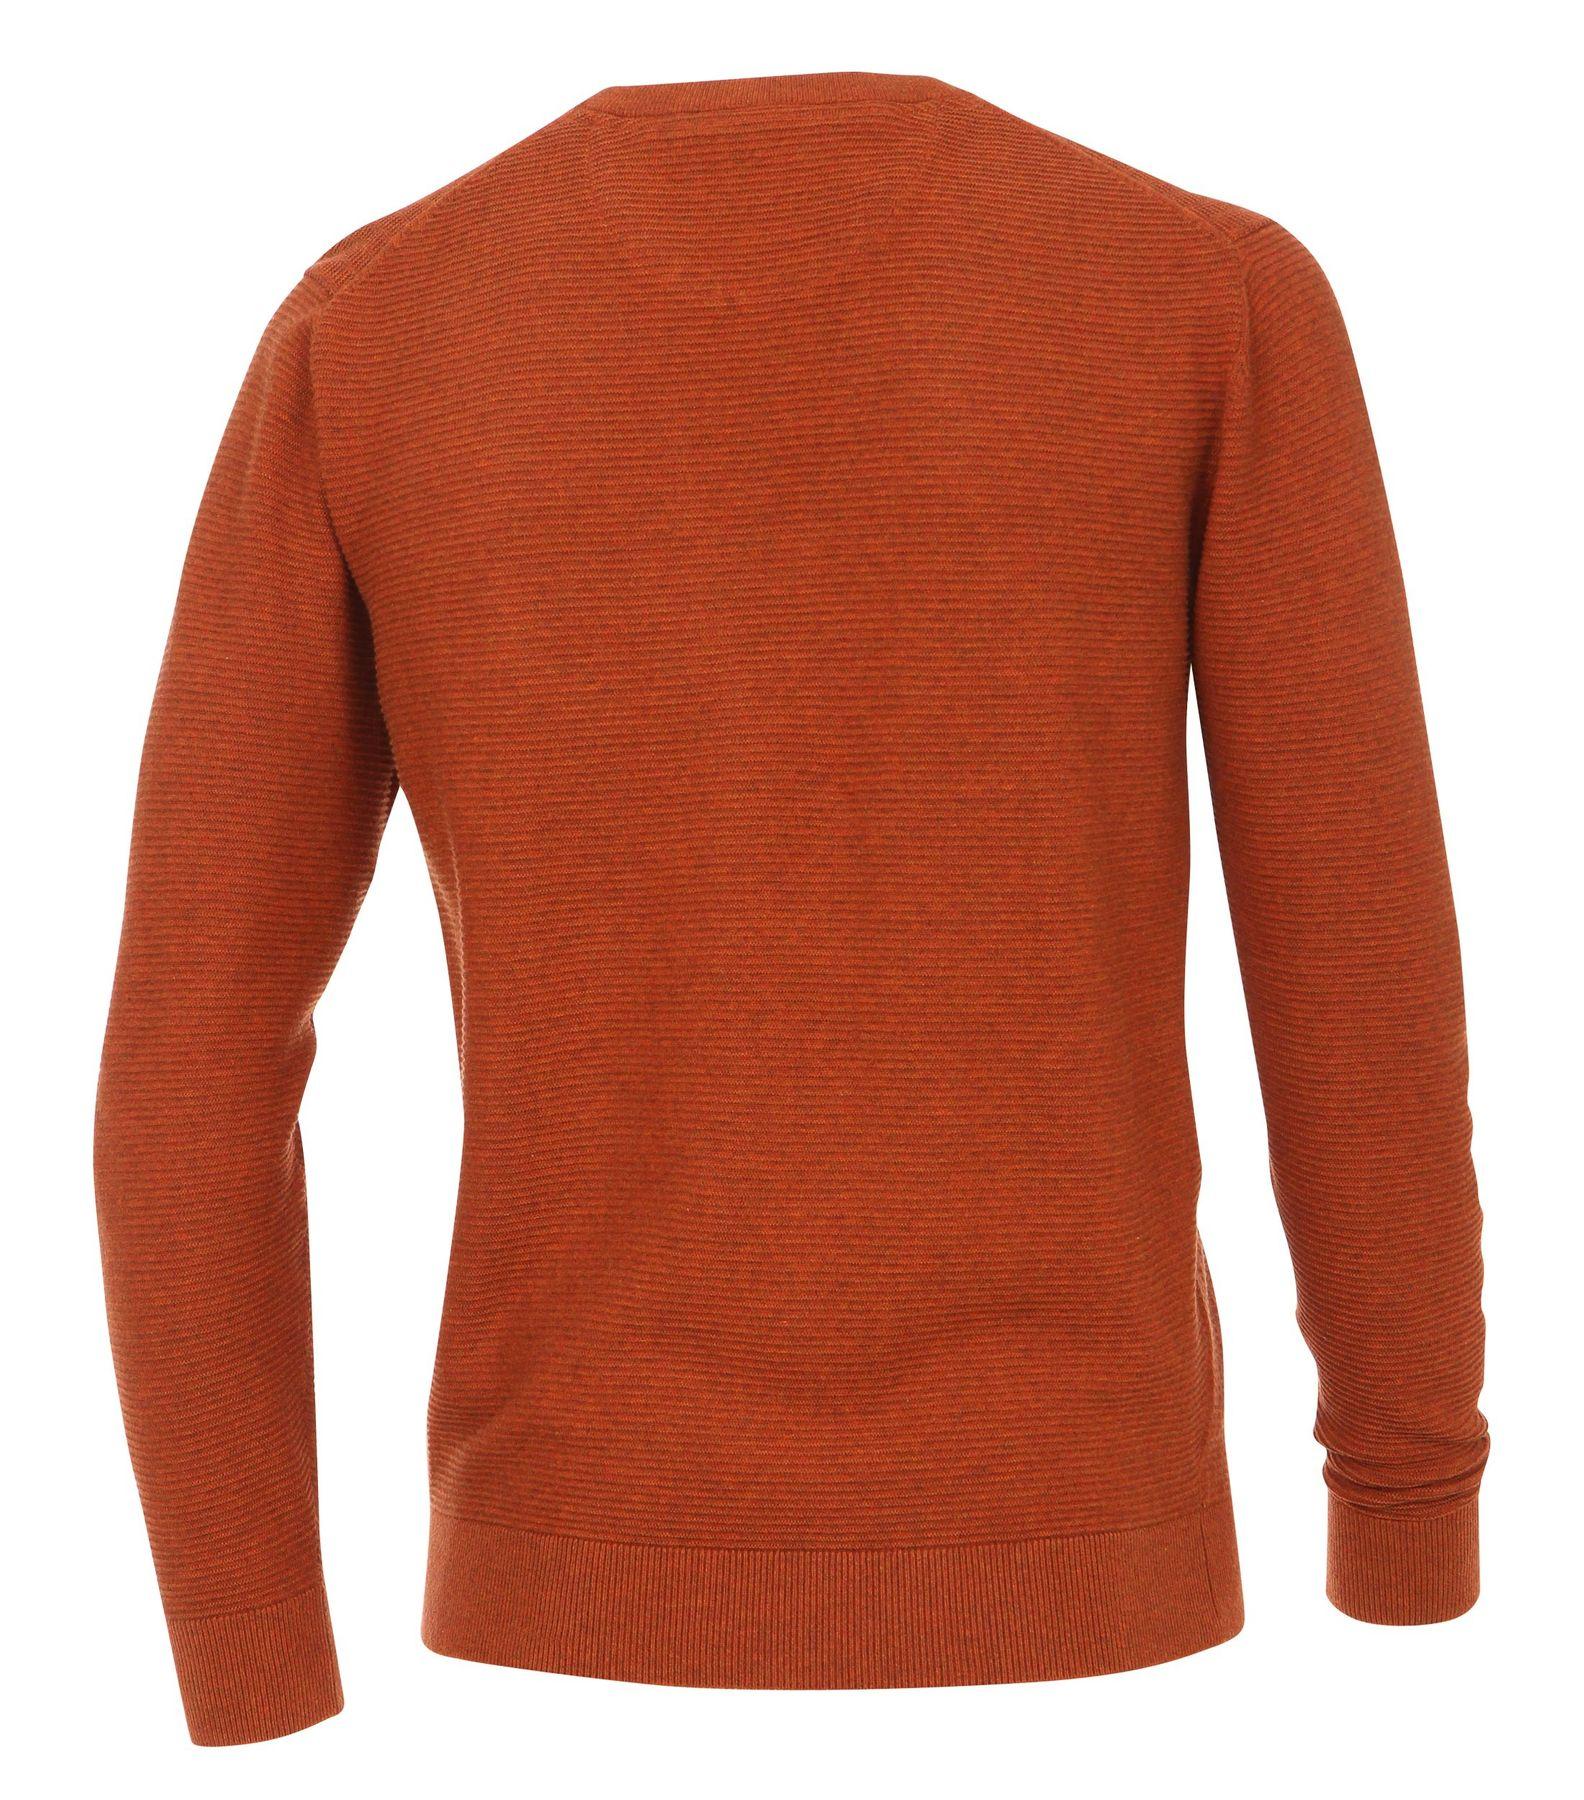 Casa Moda - Herren Pullover mit Rundhalsausschnitt und modischem Webmuster in Blau und Orange  (472625300A) – Bild 5